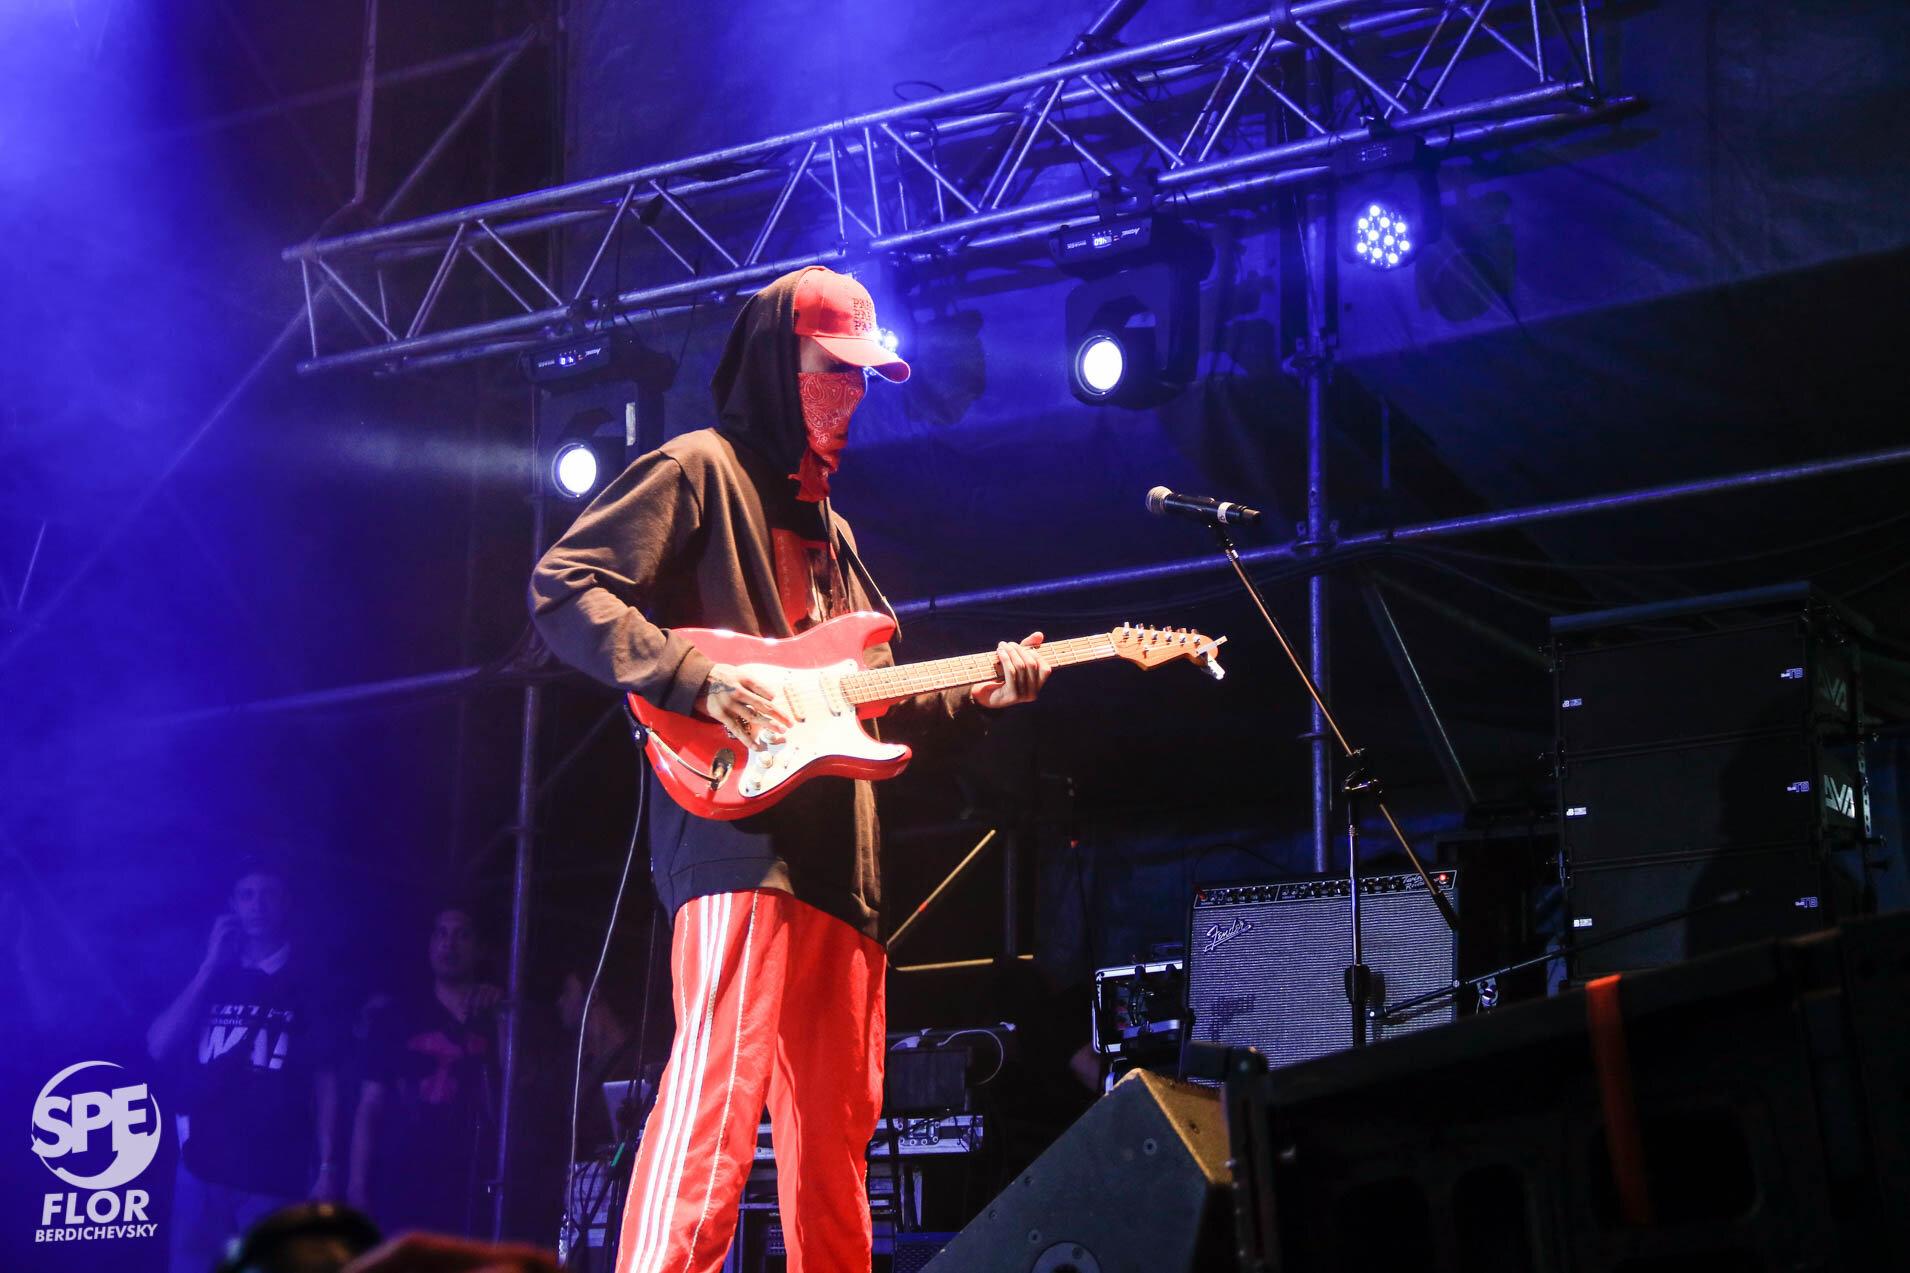 Musico de Wos participa del Festival Futurock en el estadio Malvinas Argentinas, el 28 de Septiembre de 2019. El festival estuvo organizado por la radio Futurock. Foto de: Florencia Berdichevsky